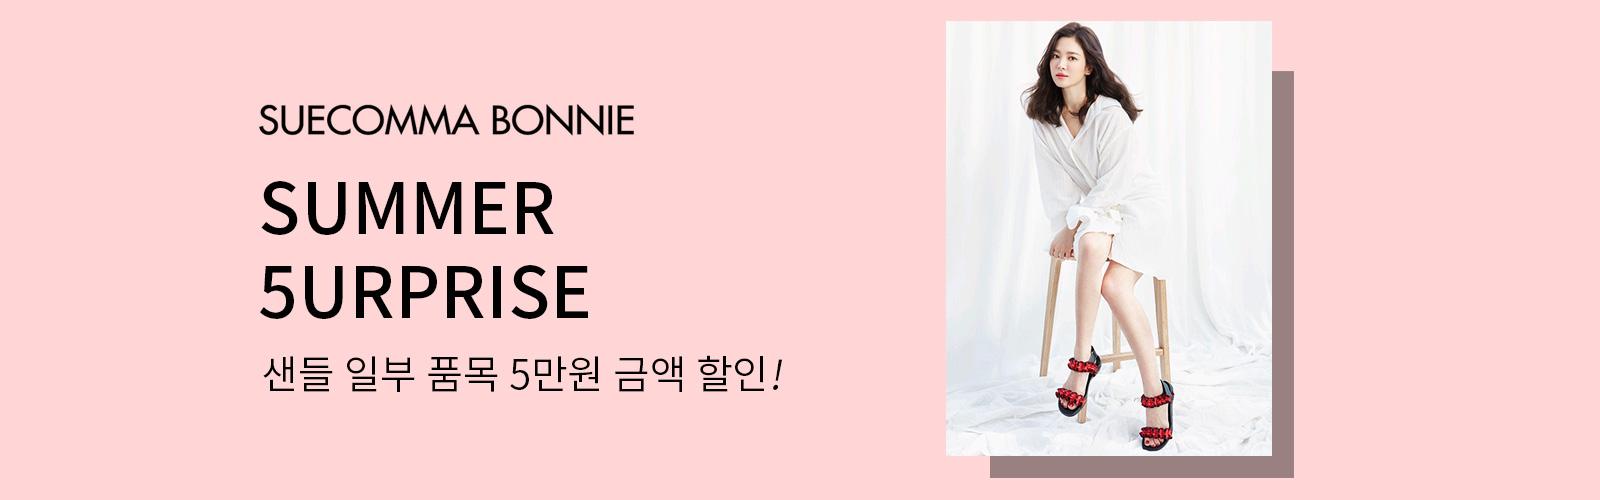 슈콤마보니,썸머 서프라이즈,샌들 일부 품목 5만원 금액 할인